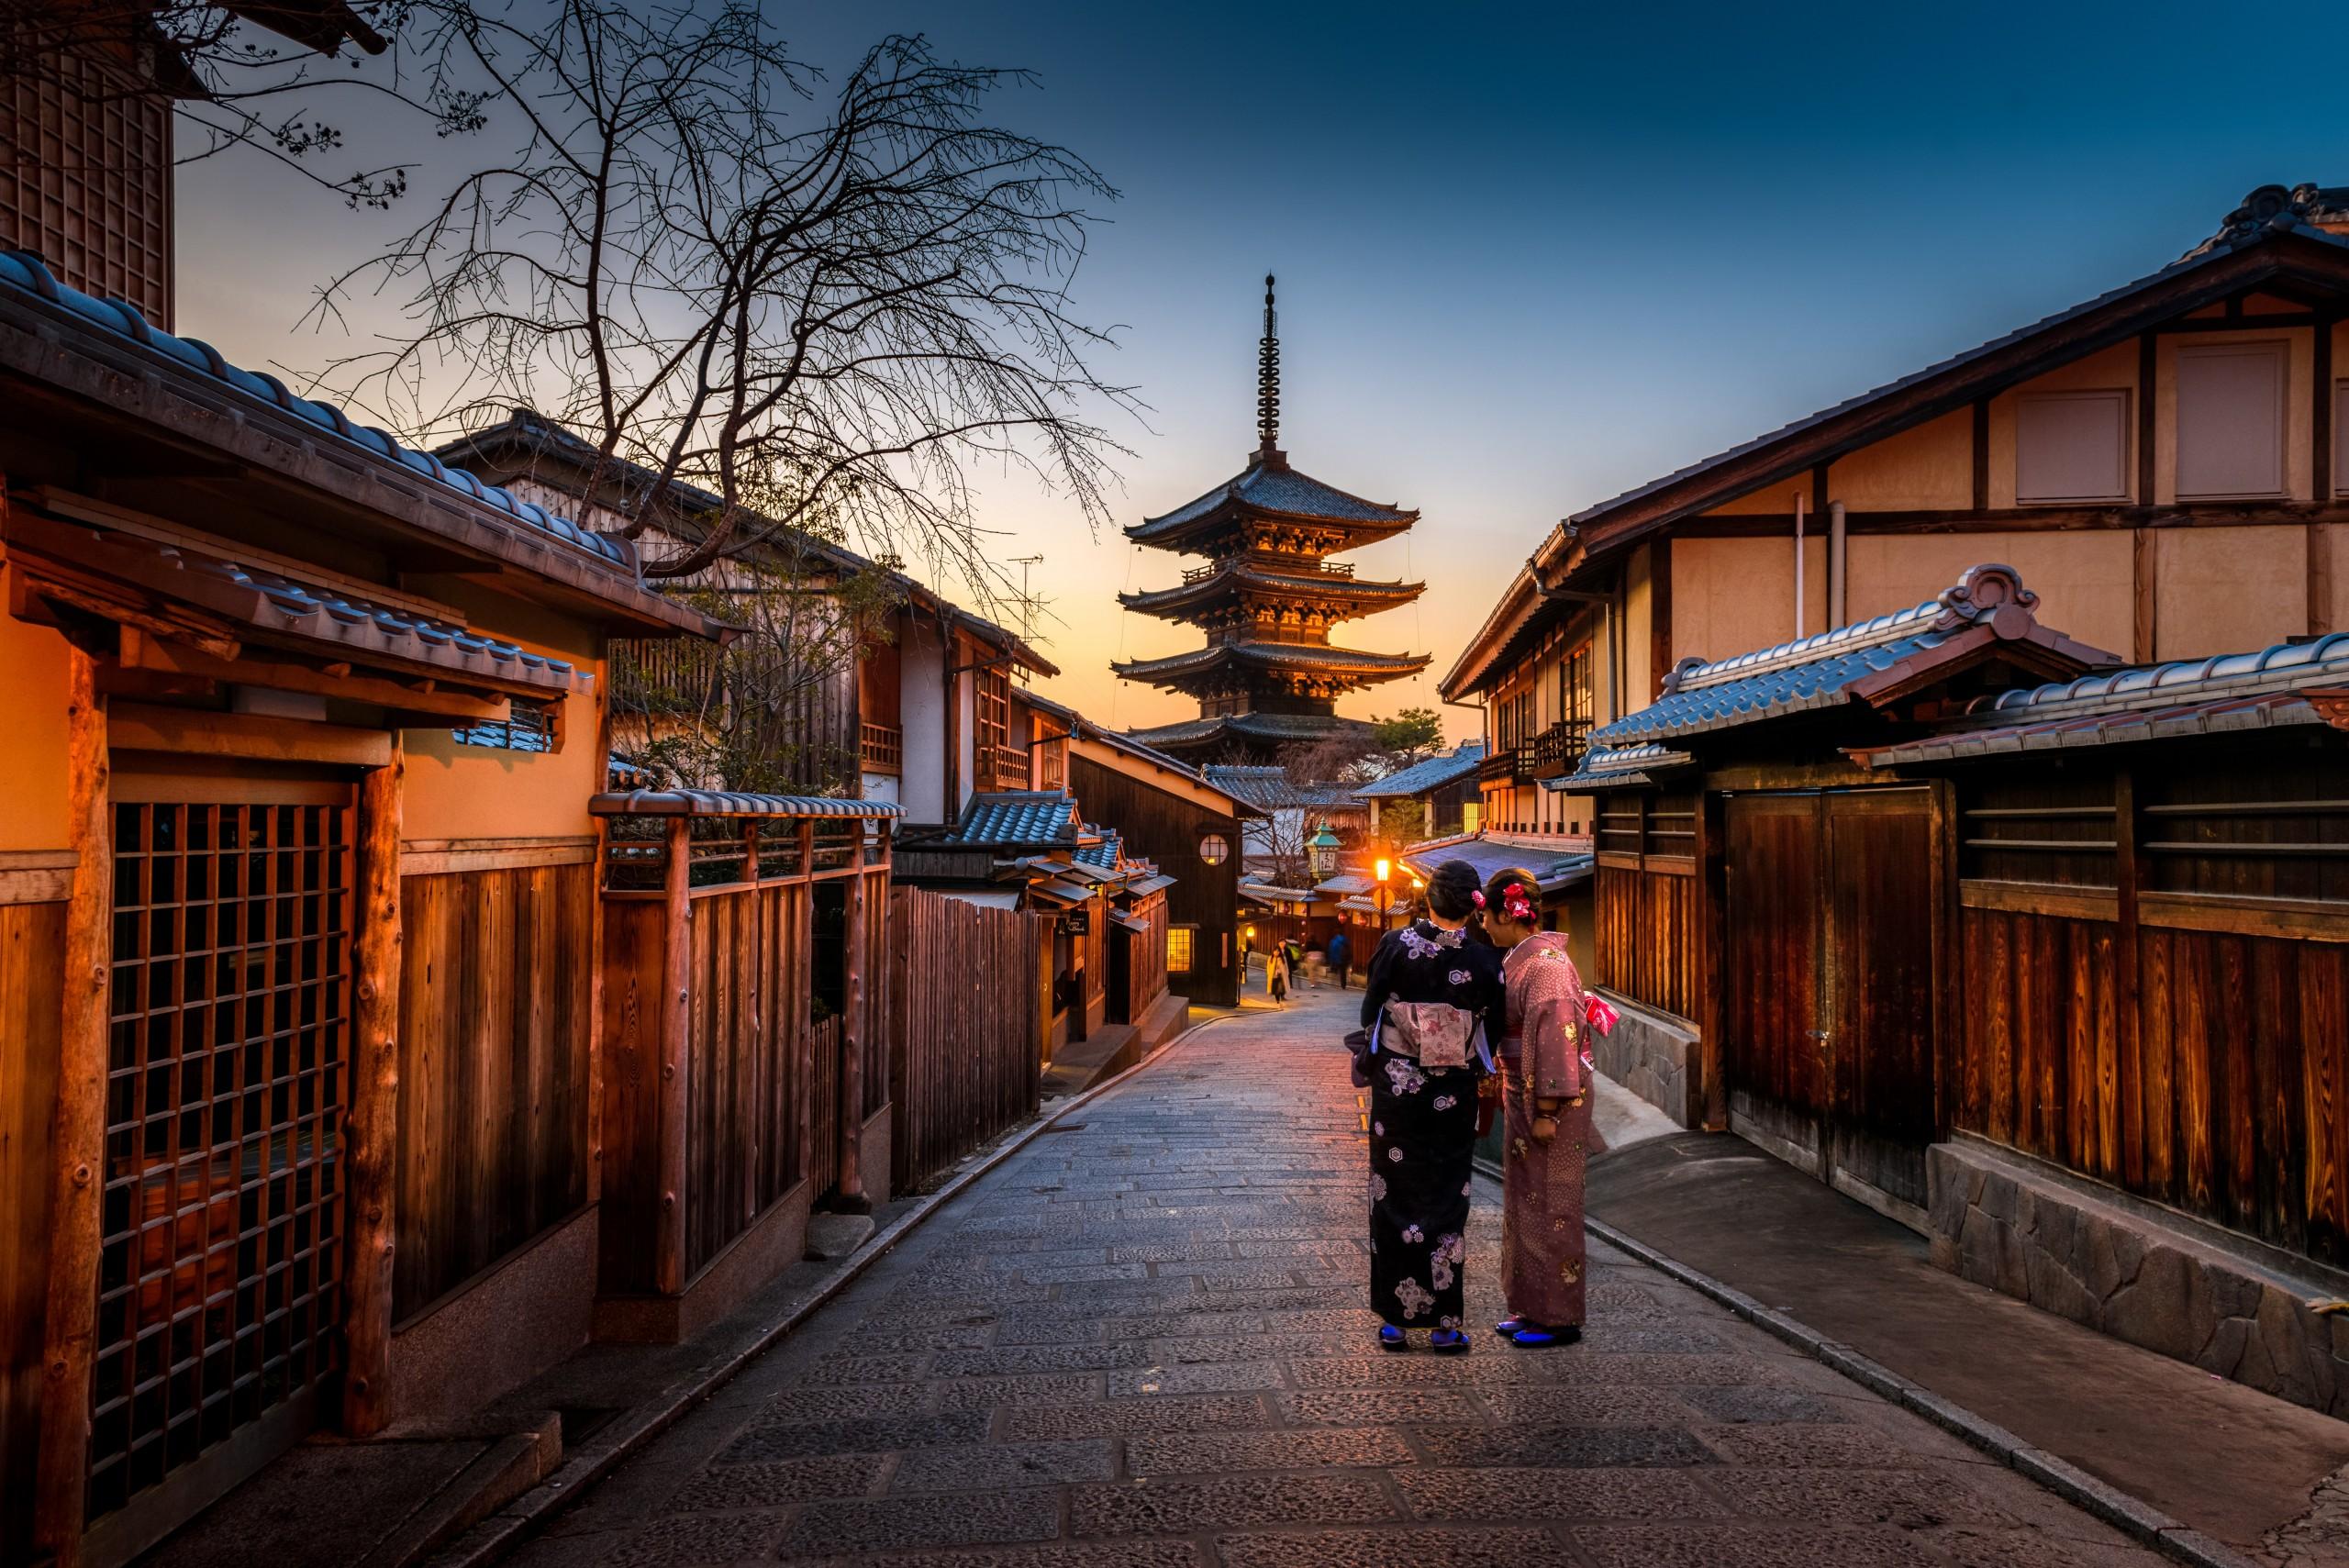 [20.08.07] 東本願寺と共に、文化と人をつなぐ。